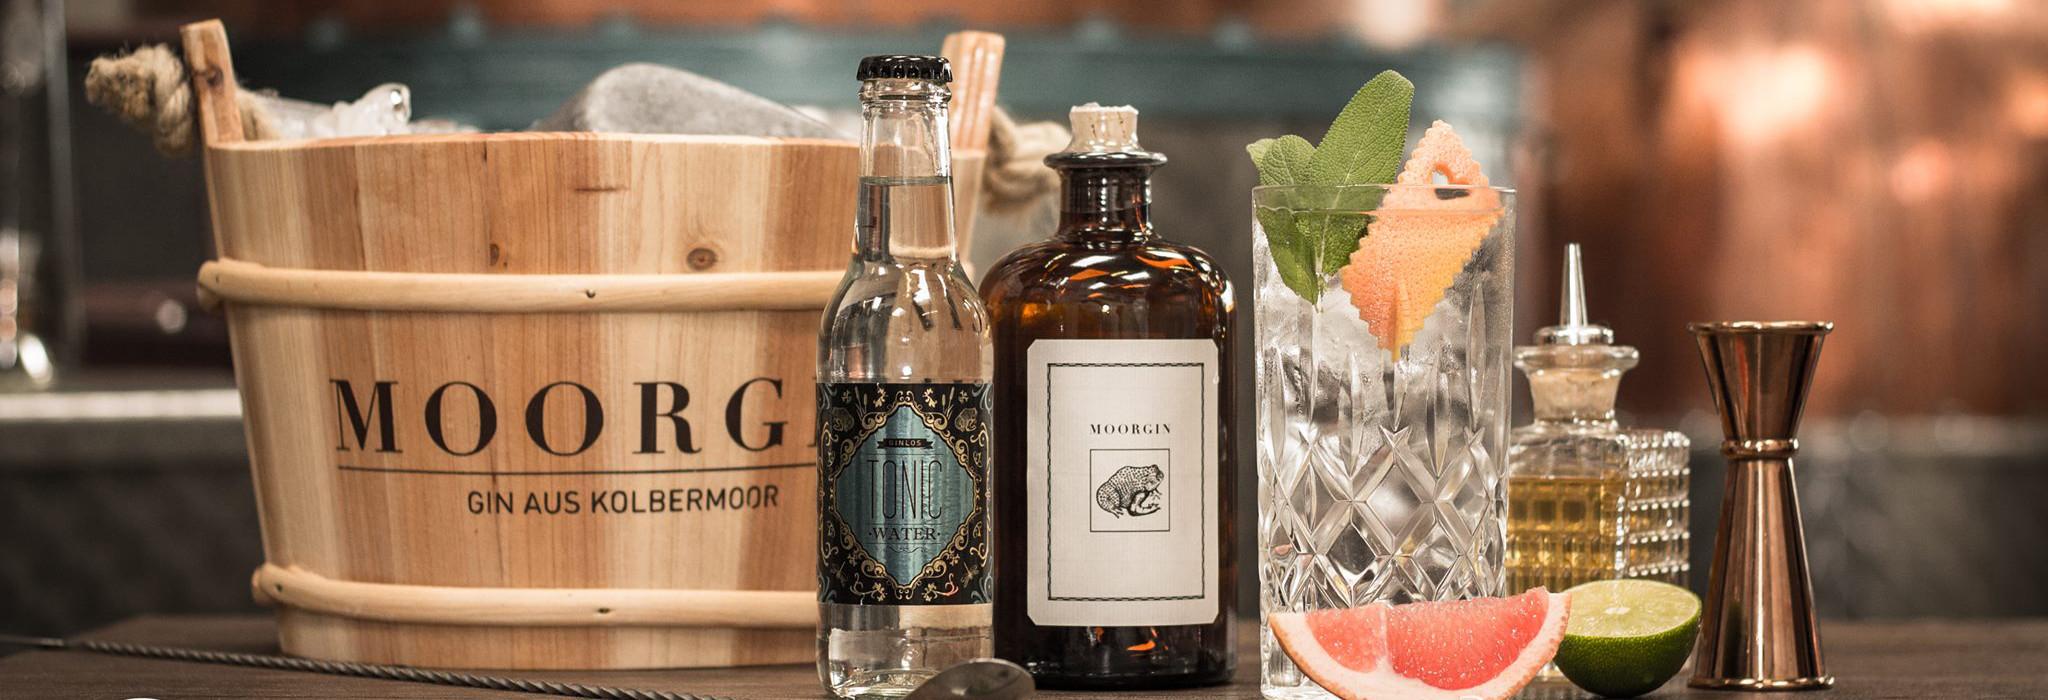 MOORGIN - Gin aus Kolbermoor - Versand und Zahlungsmethoden